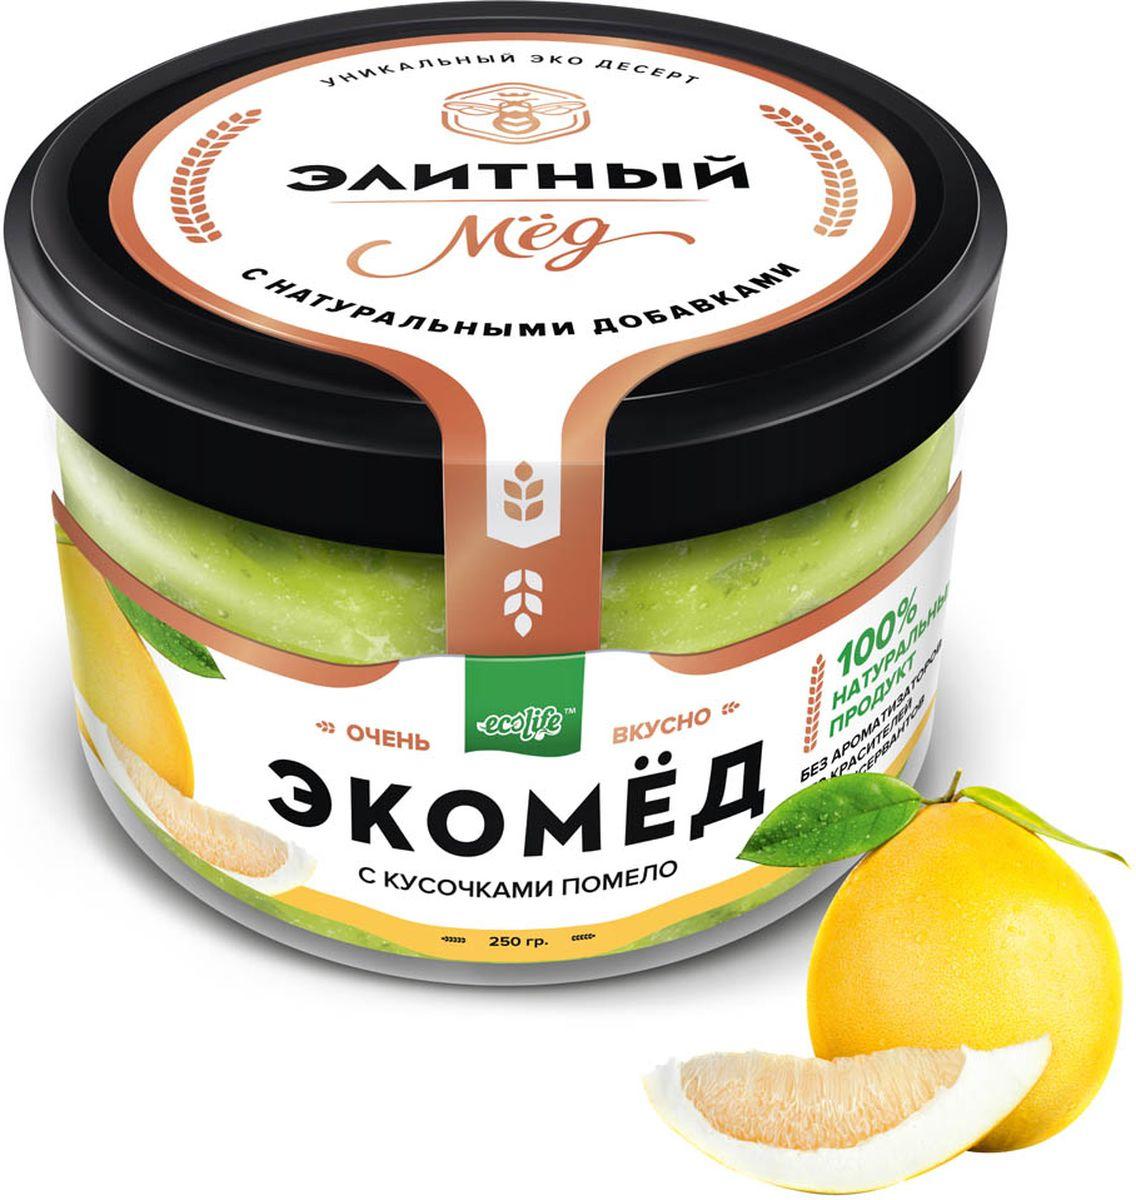 Ecolife Экомед с помело, 250 г4665298961745100% натуральный экопродукт, имеющий в составе только натуральные ингредиенты. При изготовлении не используется дешевый подсолнечный мёд. Мед не нагревается, сохраняются все его полезные свойства. Экомёд не имеет эффекта расслаивания.